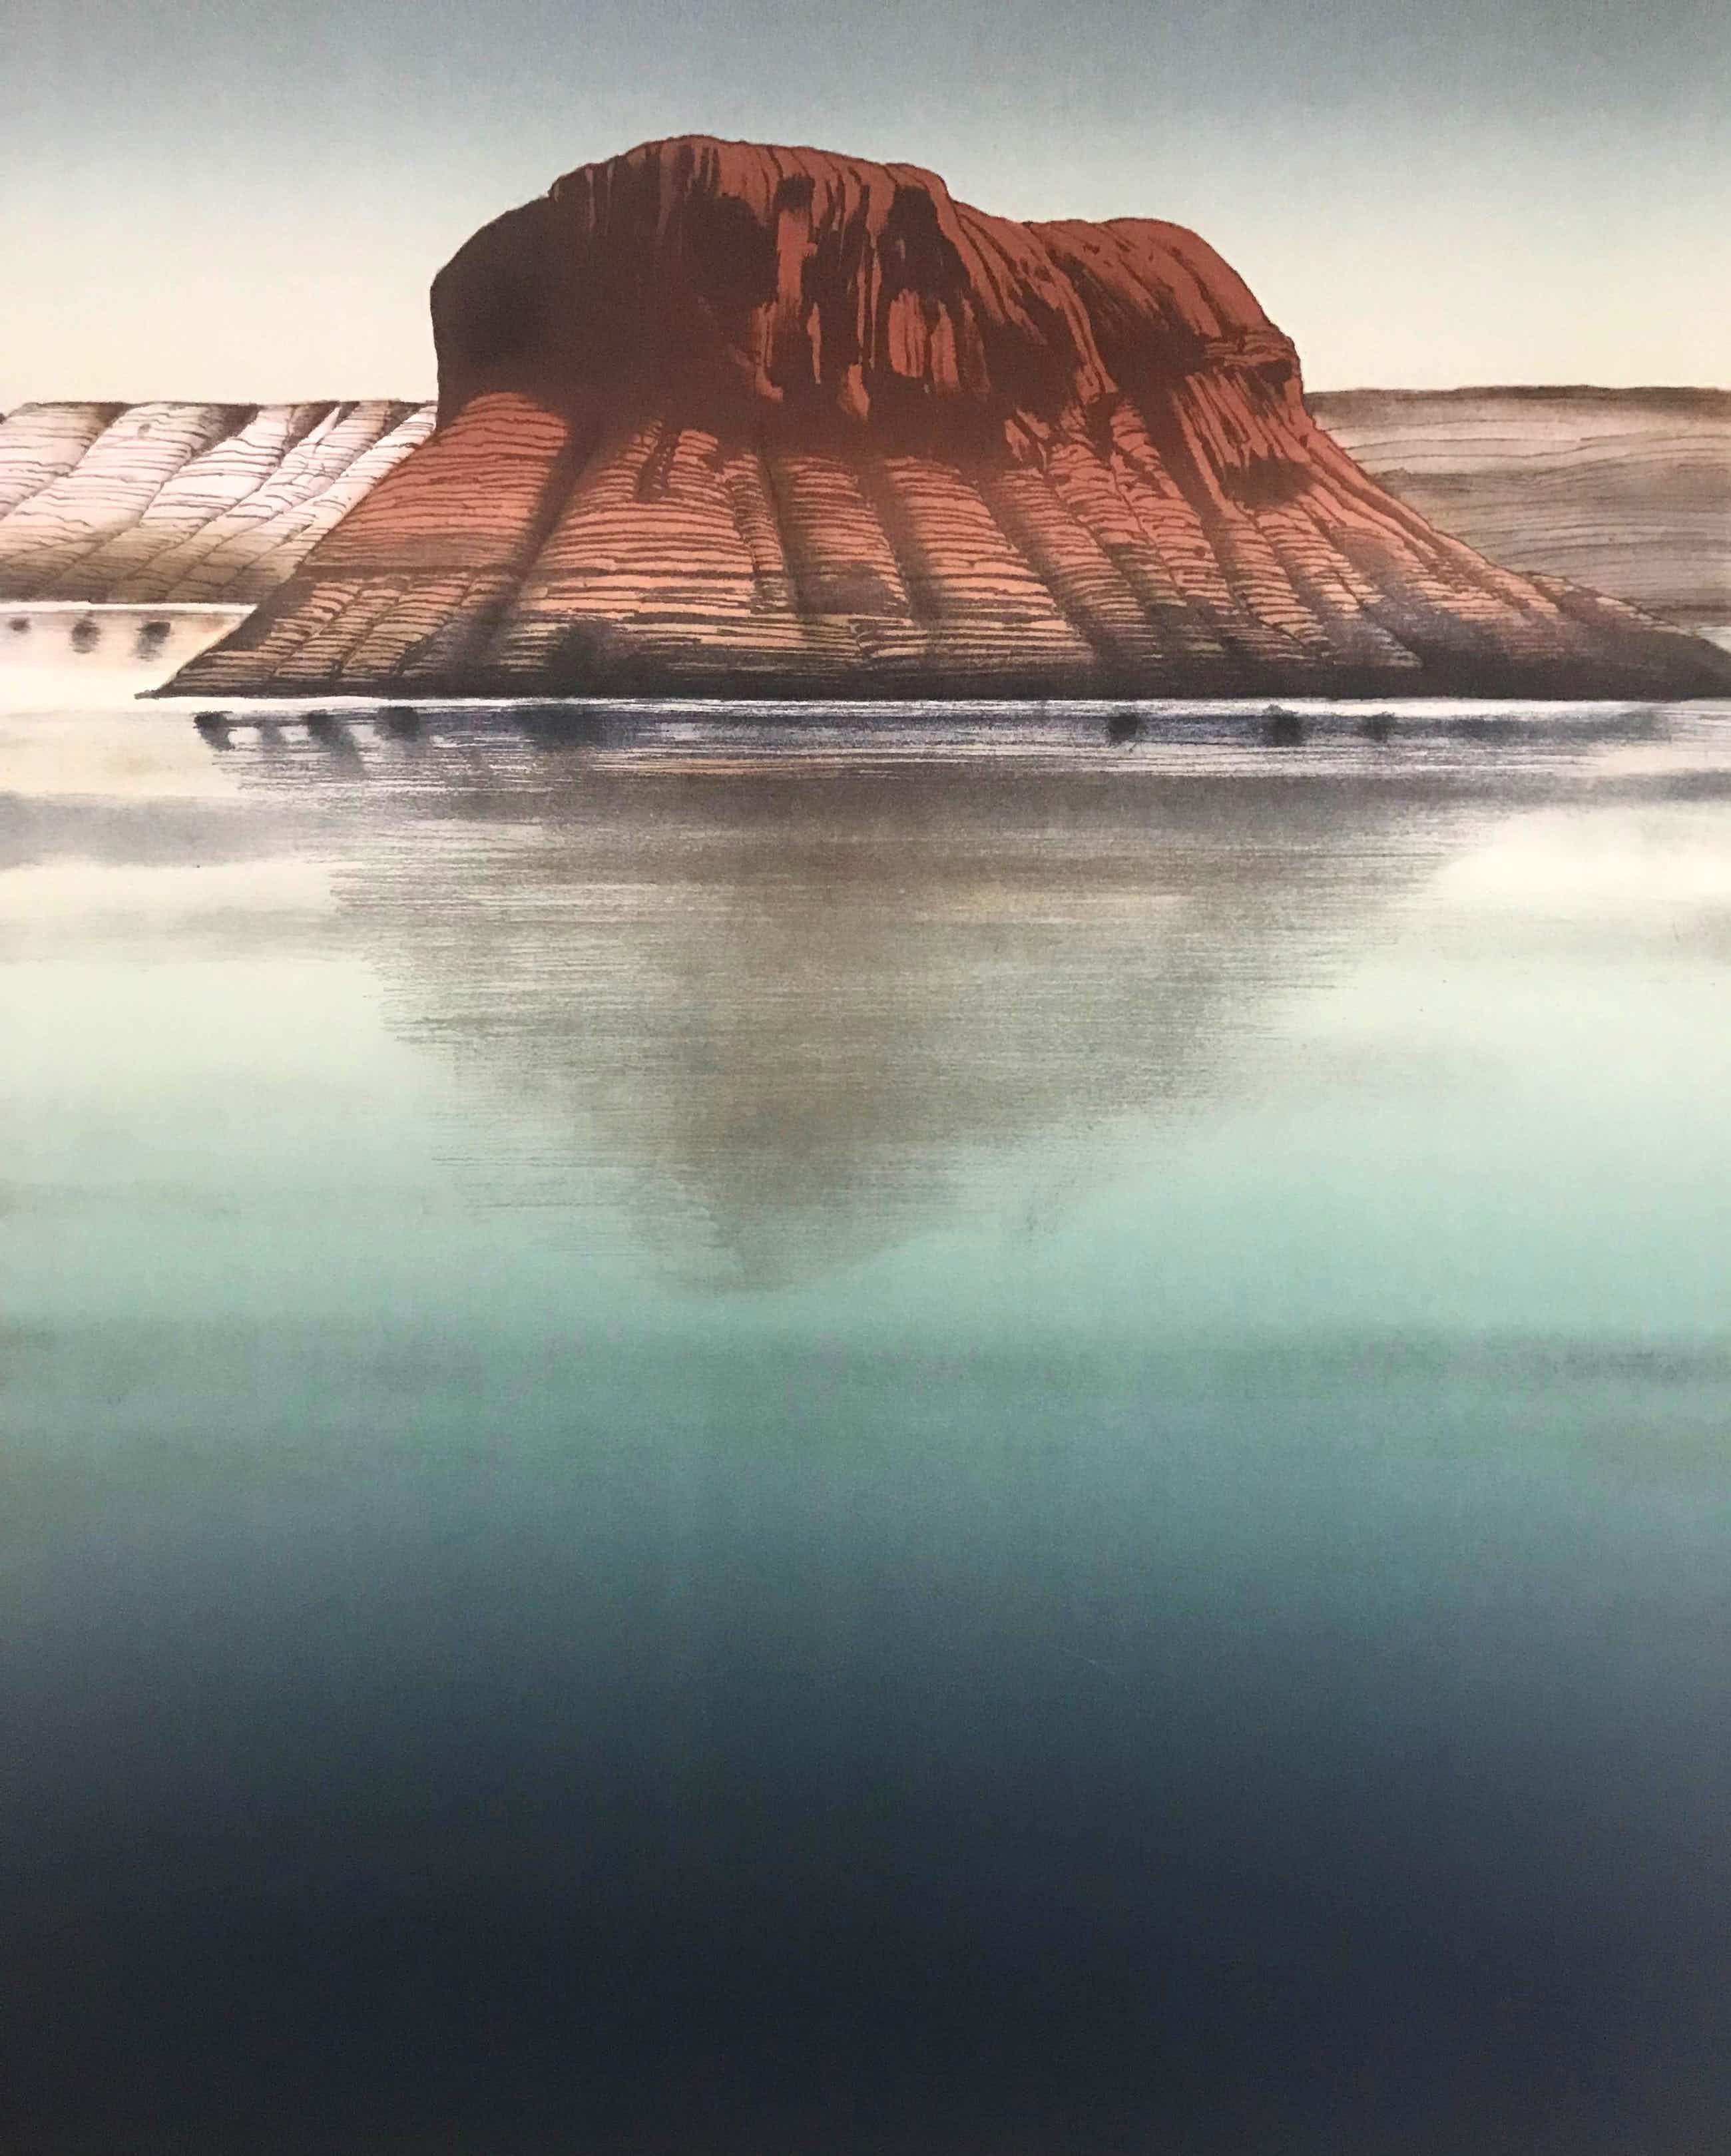 Alain Le Foll - LAATSTE KEER AANGEBODEN!! Lithografie - 'Mount' - Gesigneerd - 43/150 kopen? Bied vanaf 95!